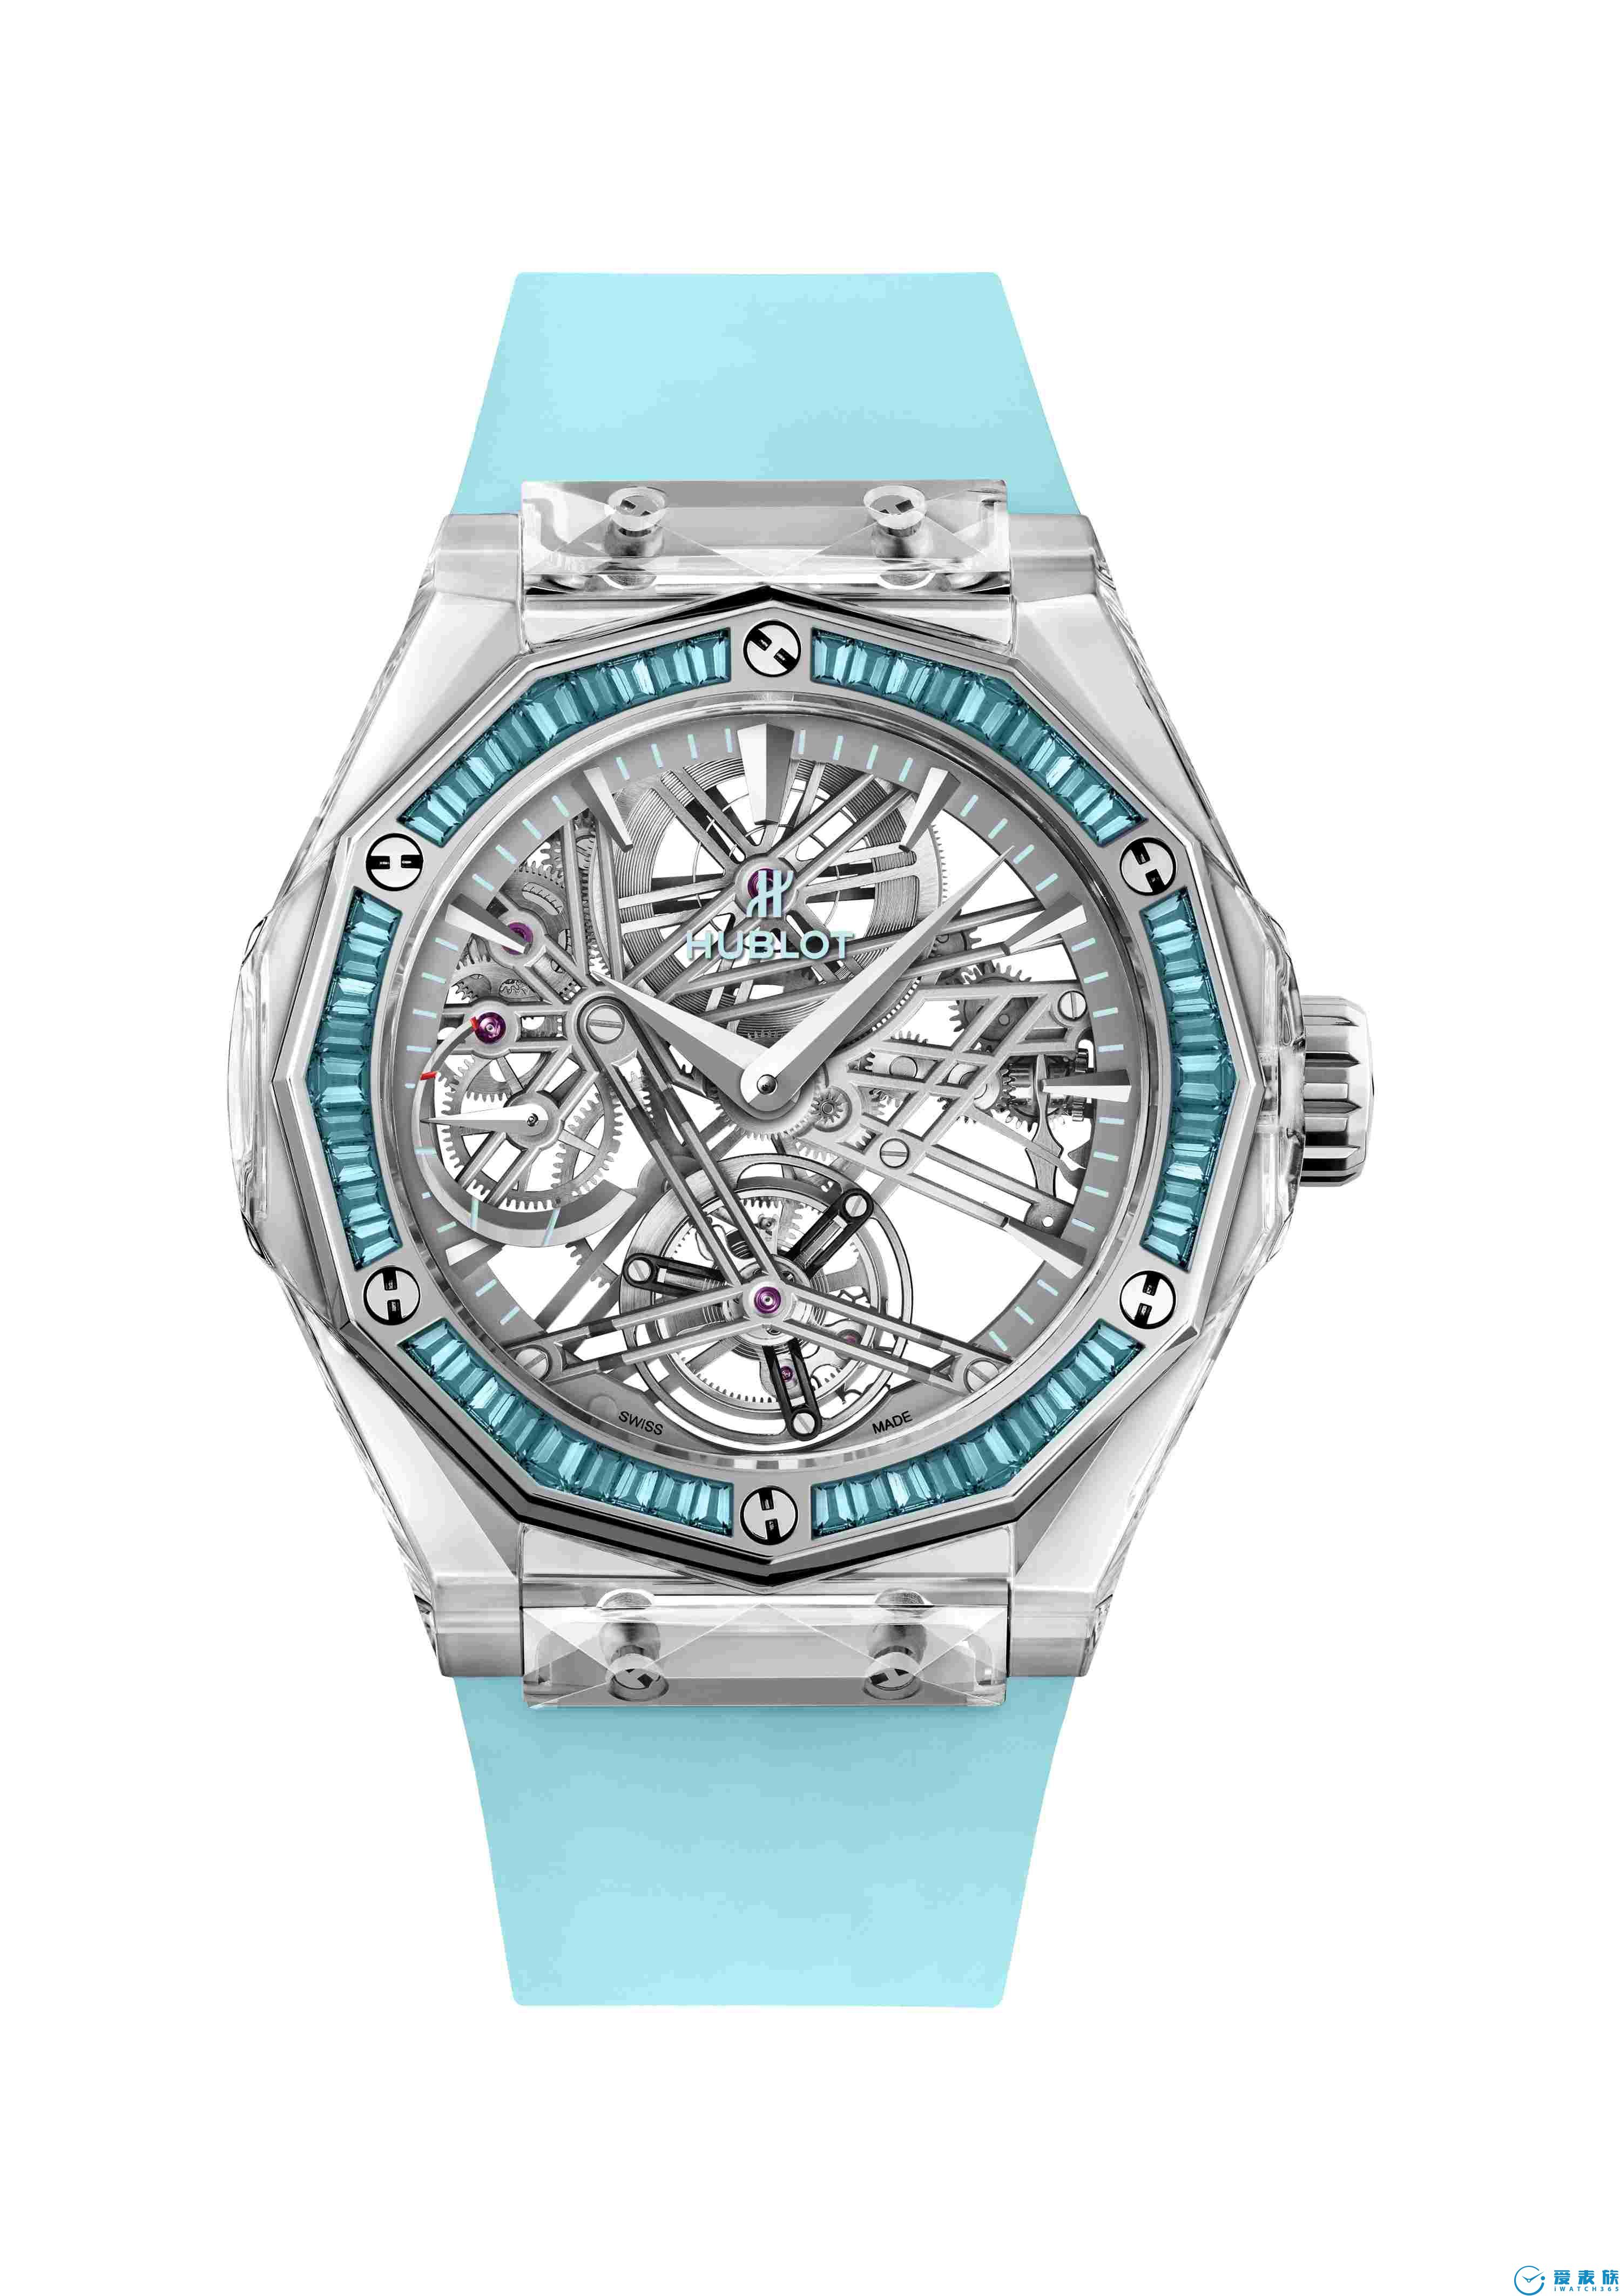 宇舶表經典融合陀飛輪藍寶石奧林斯基孤品腕表 在慈善拍賣會上拍賣成功